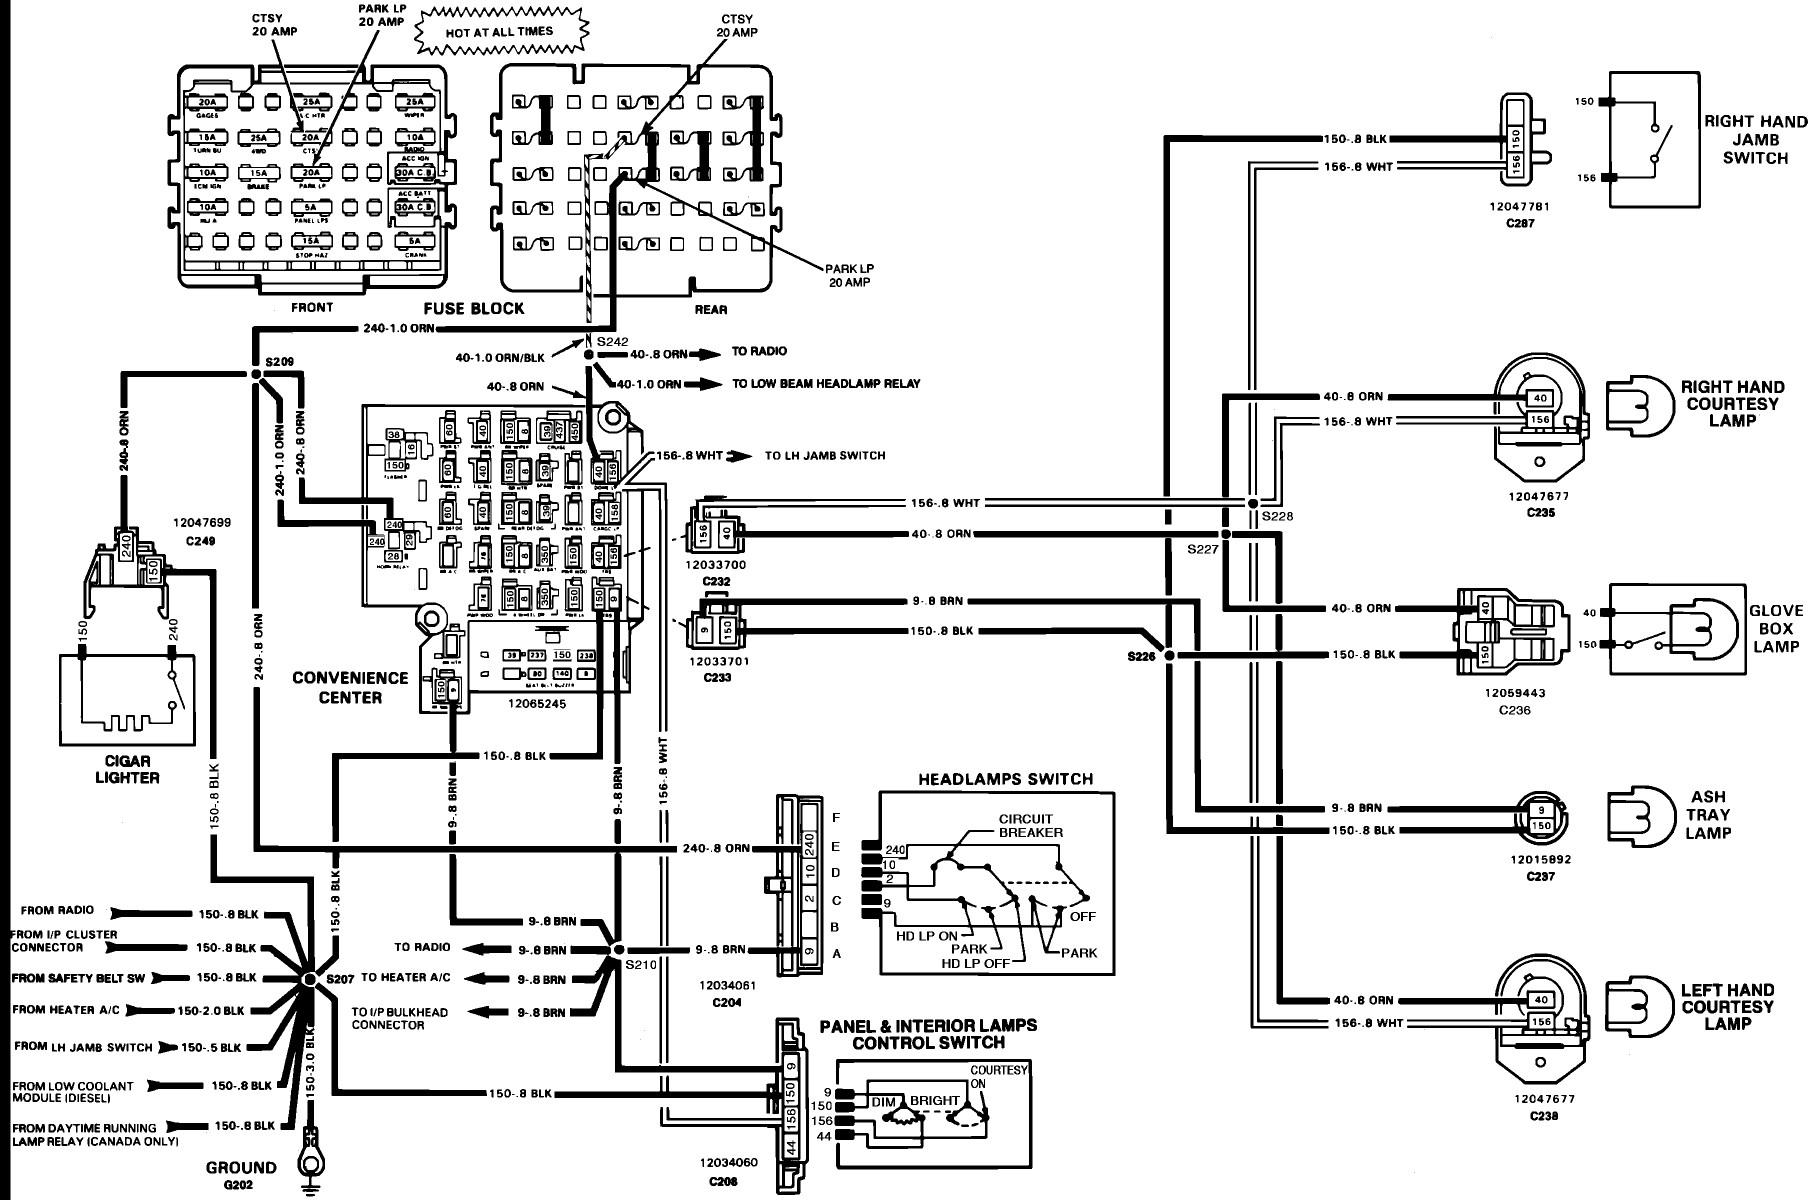 vz_0558] electrical wiring diagram for the 1956 chevrolet trucks series 3000  oxyl rally hison onom teria benkeme mohammedshrine librar wiring 101